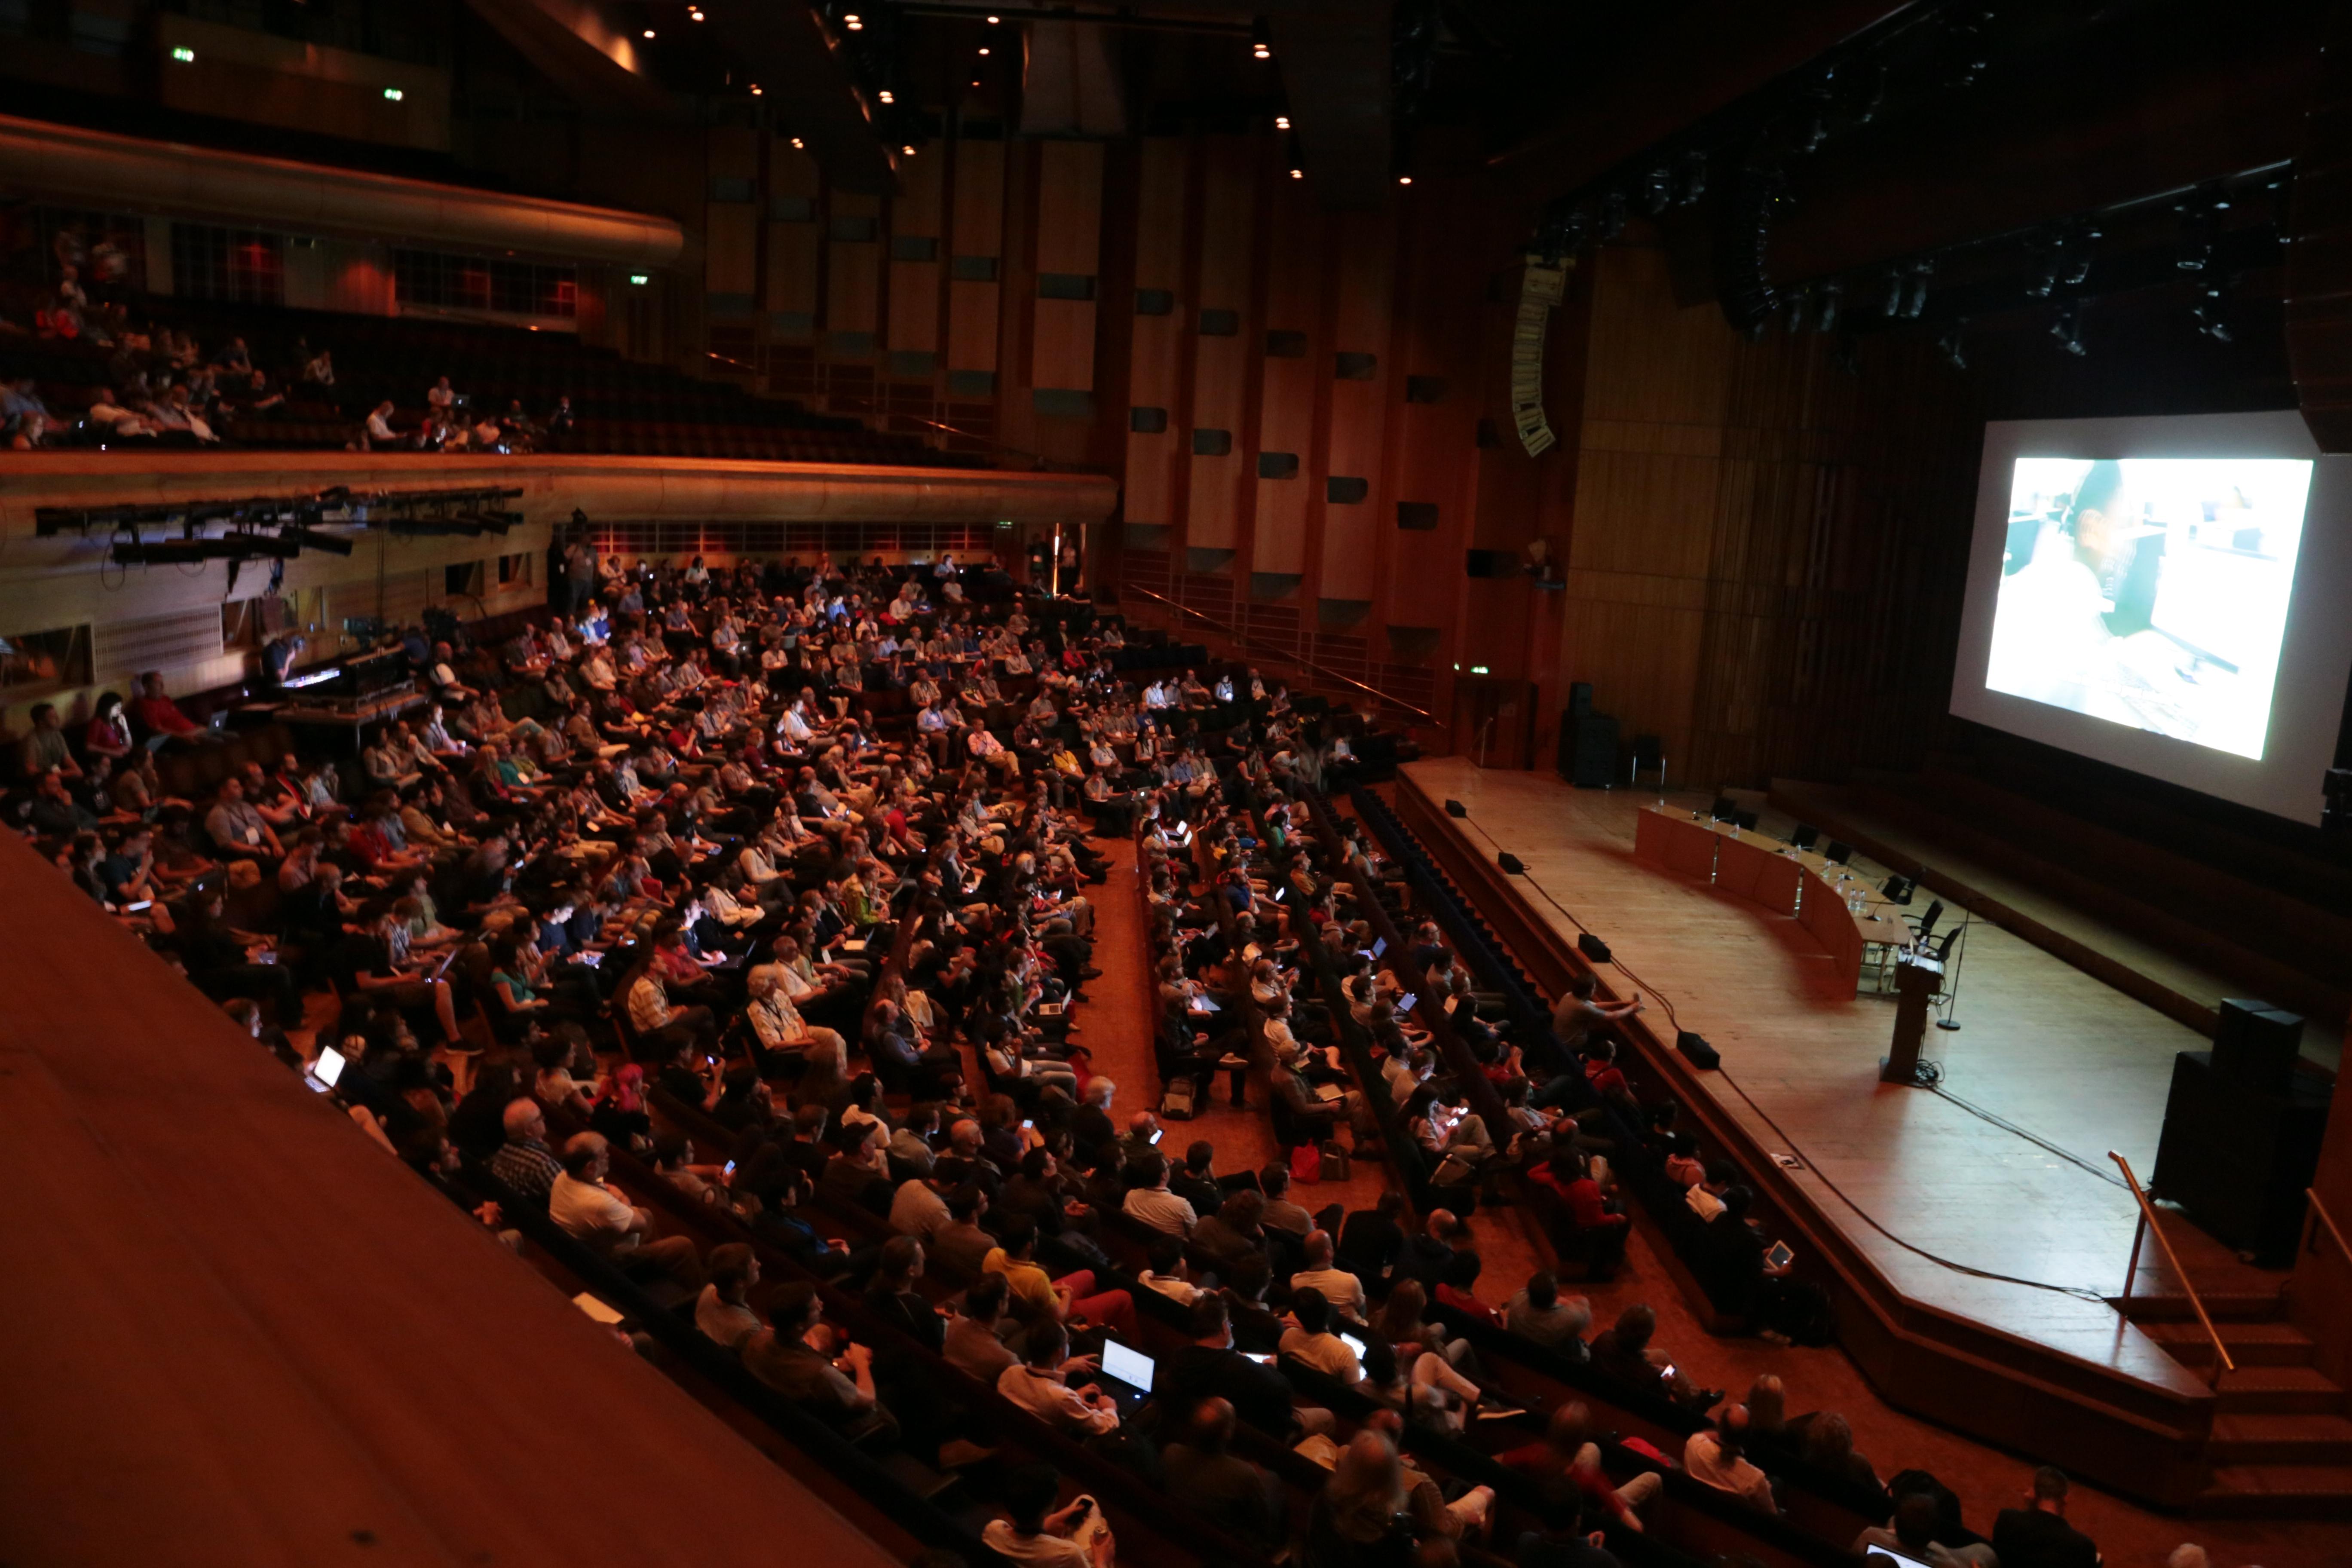 El auditorio central del Barbican Centre durante una de las sesiones